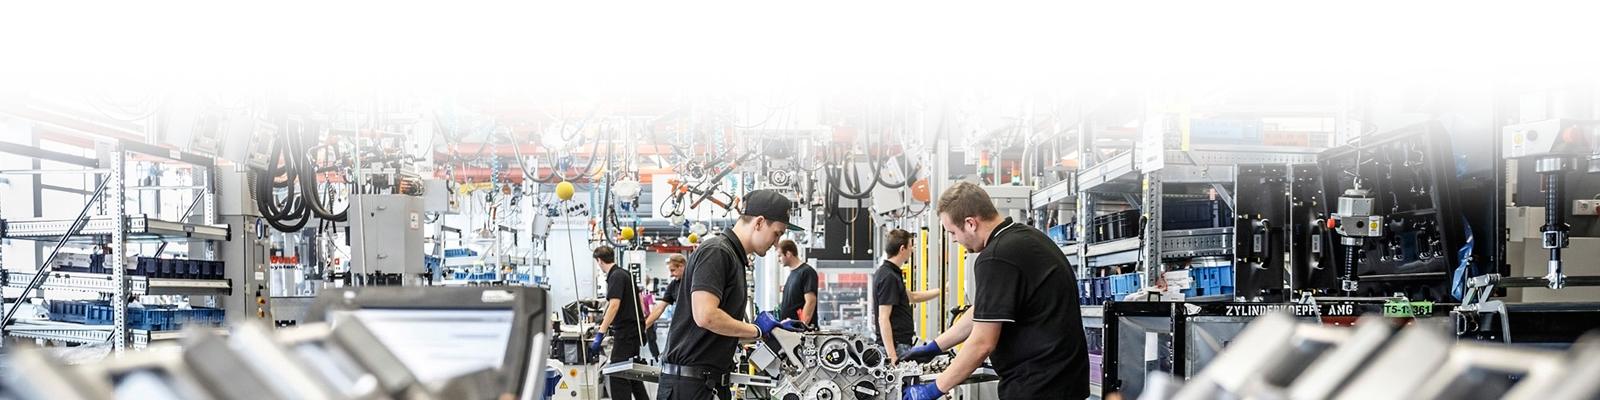 Lựa chọn giải pháp ERP thích hợp cho ngành sản xuất